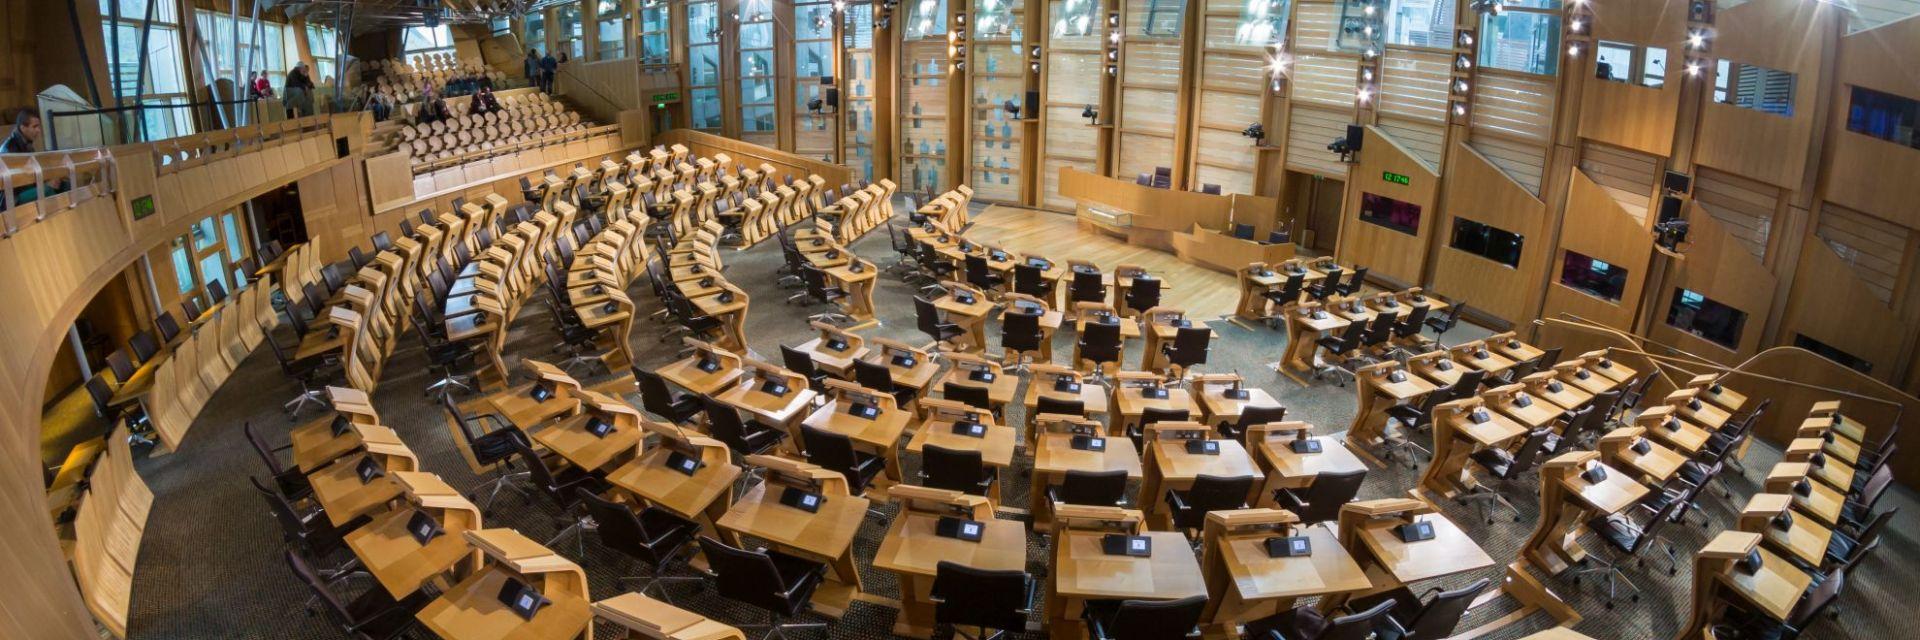 Scottish Parliament Debating Chamber 3